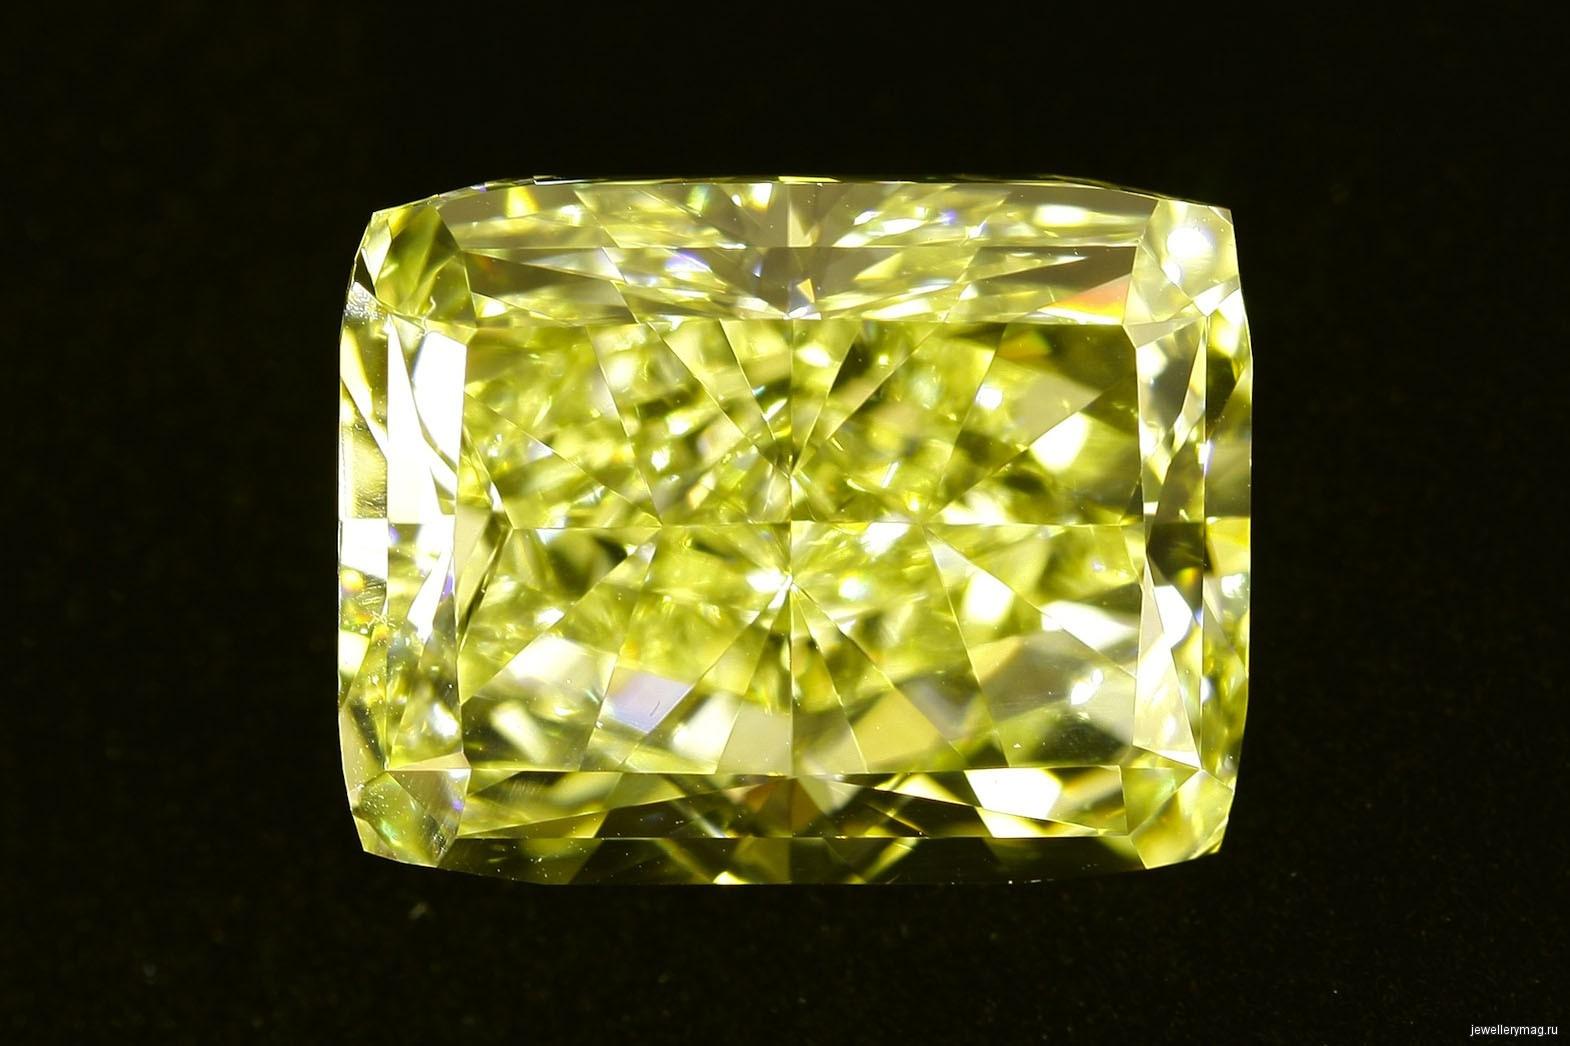 Цвет желто-зеленый как называется